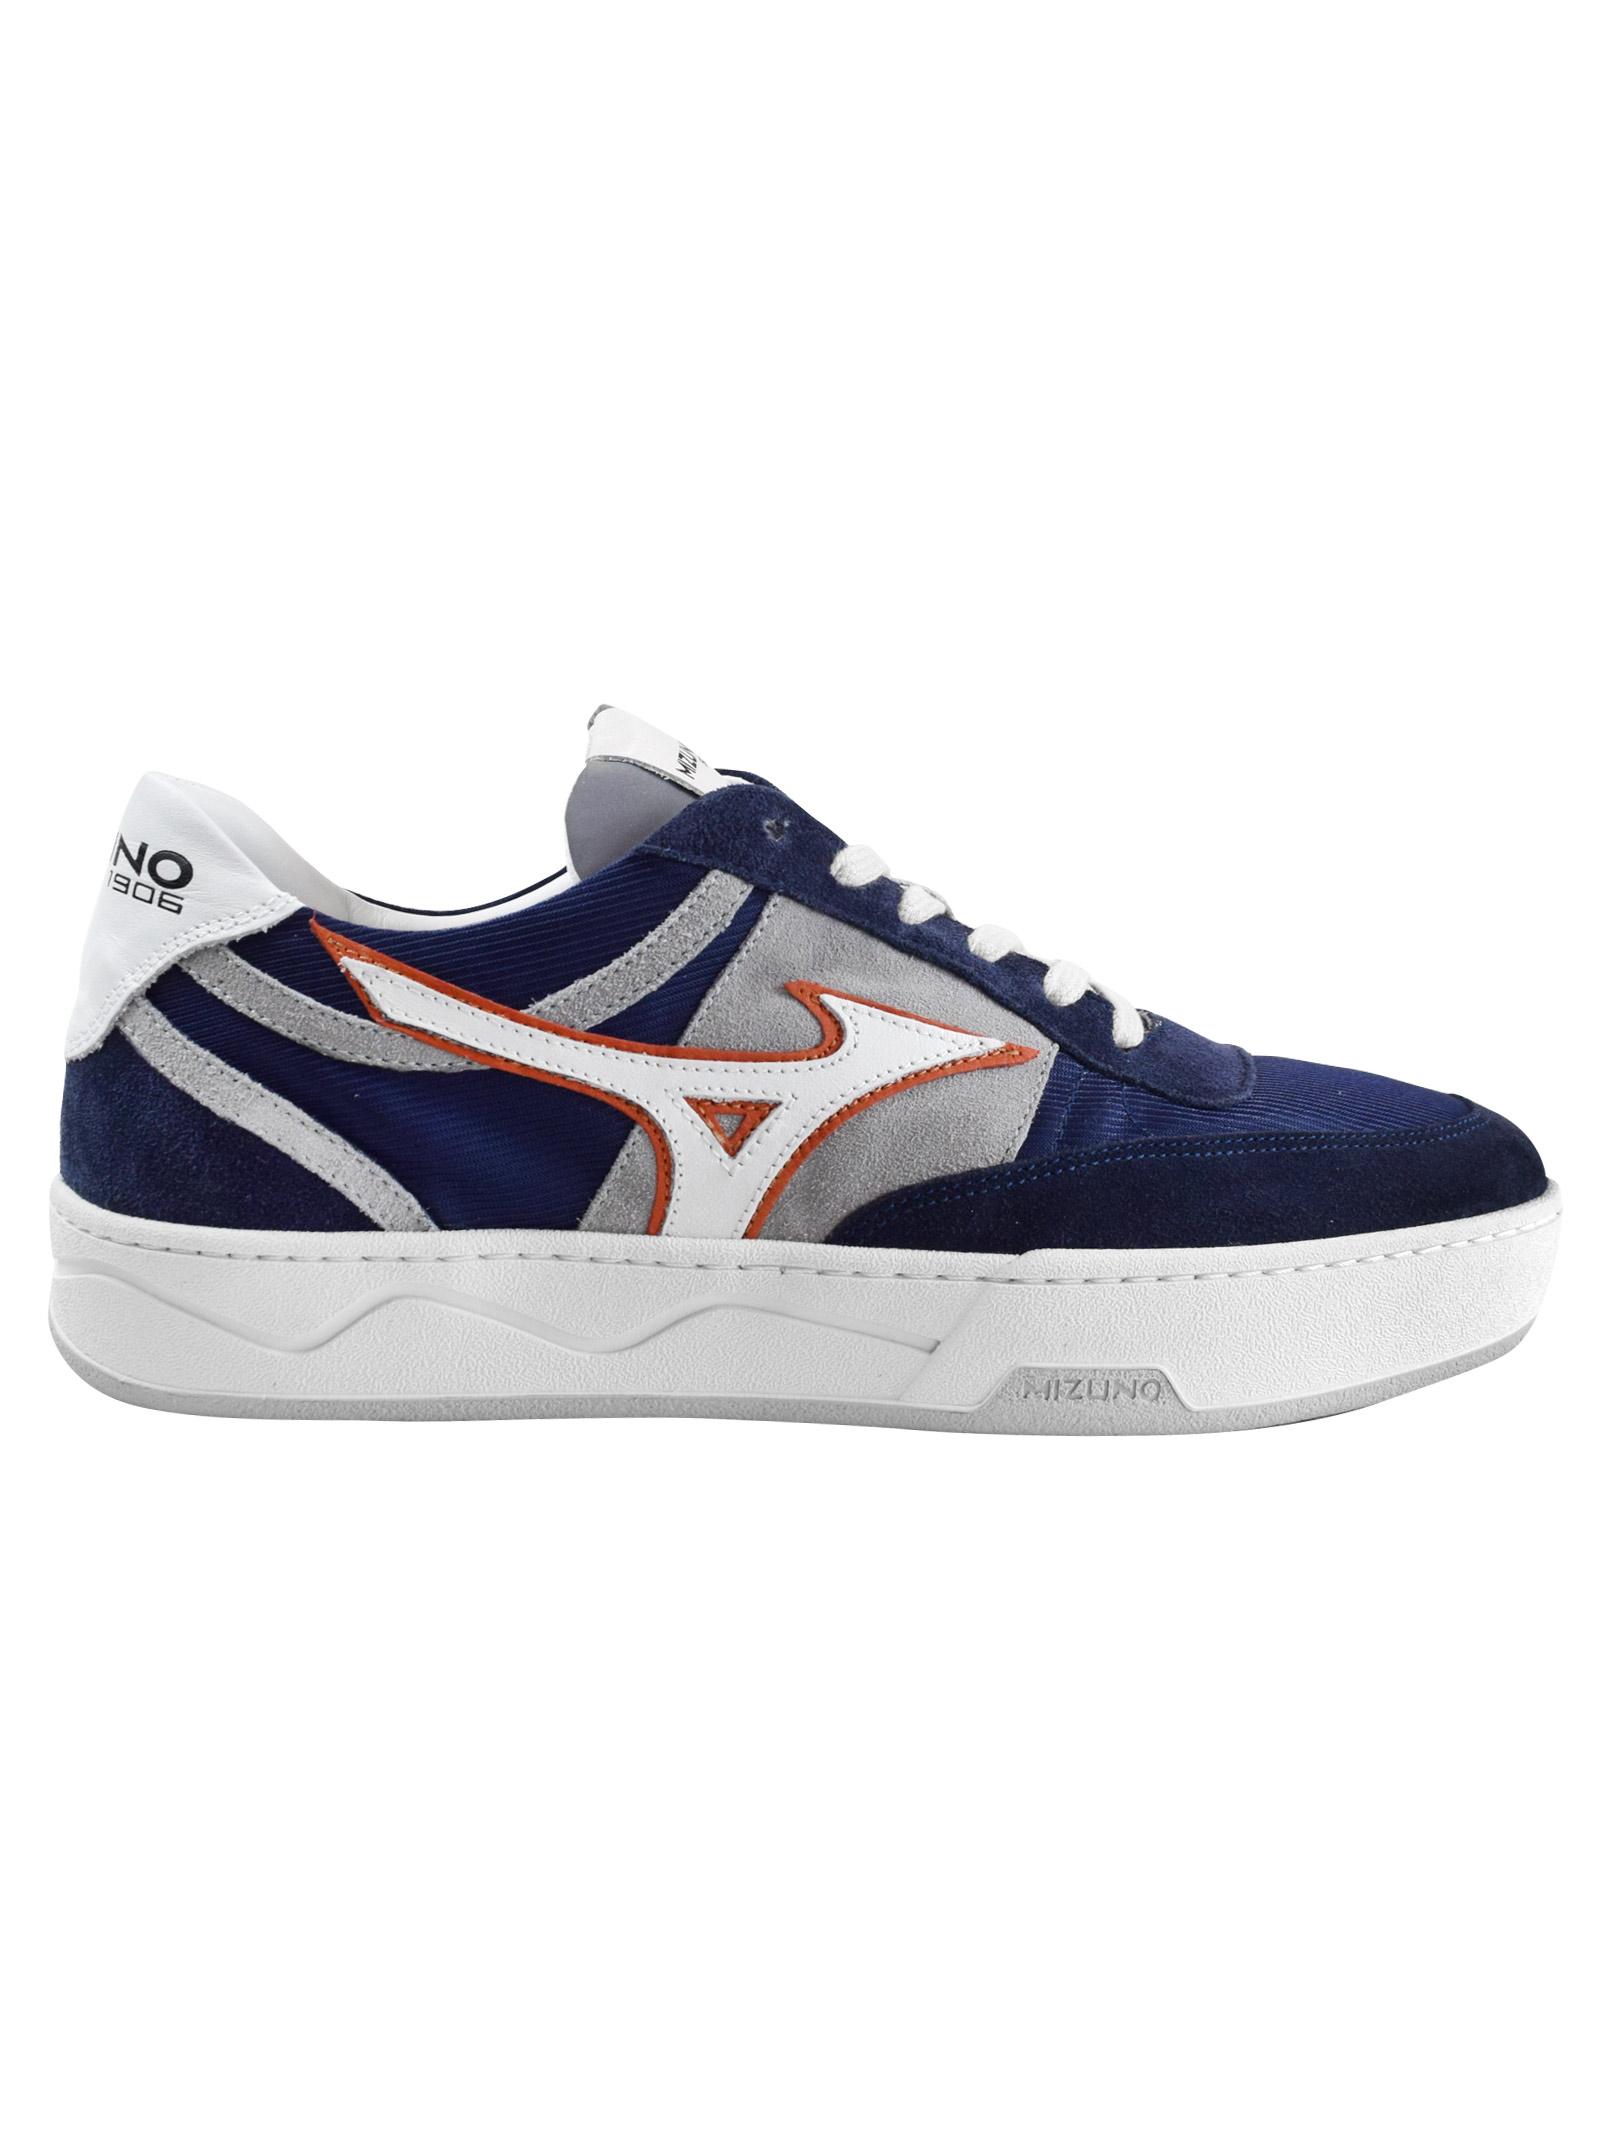 MIZUNO | Shoes | NEW SAIPH 202401